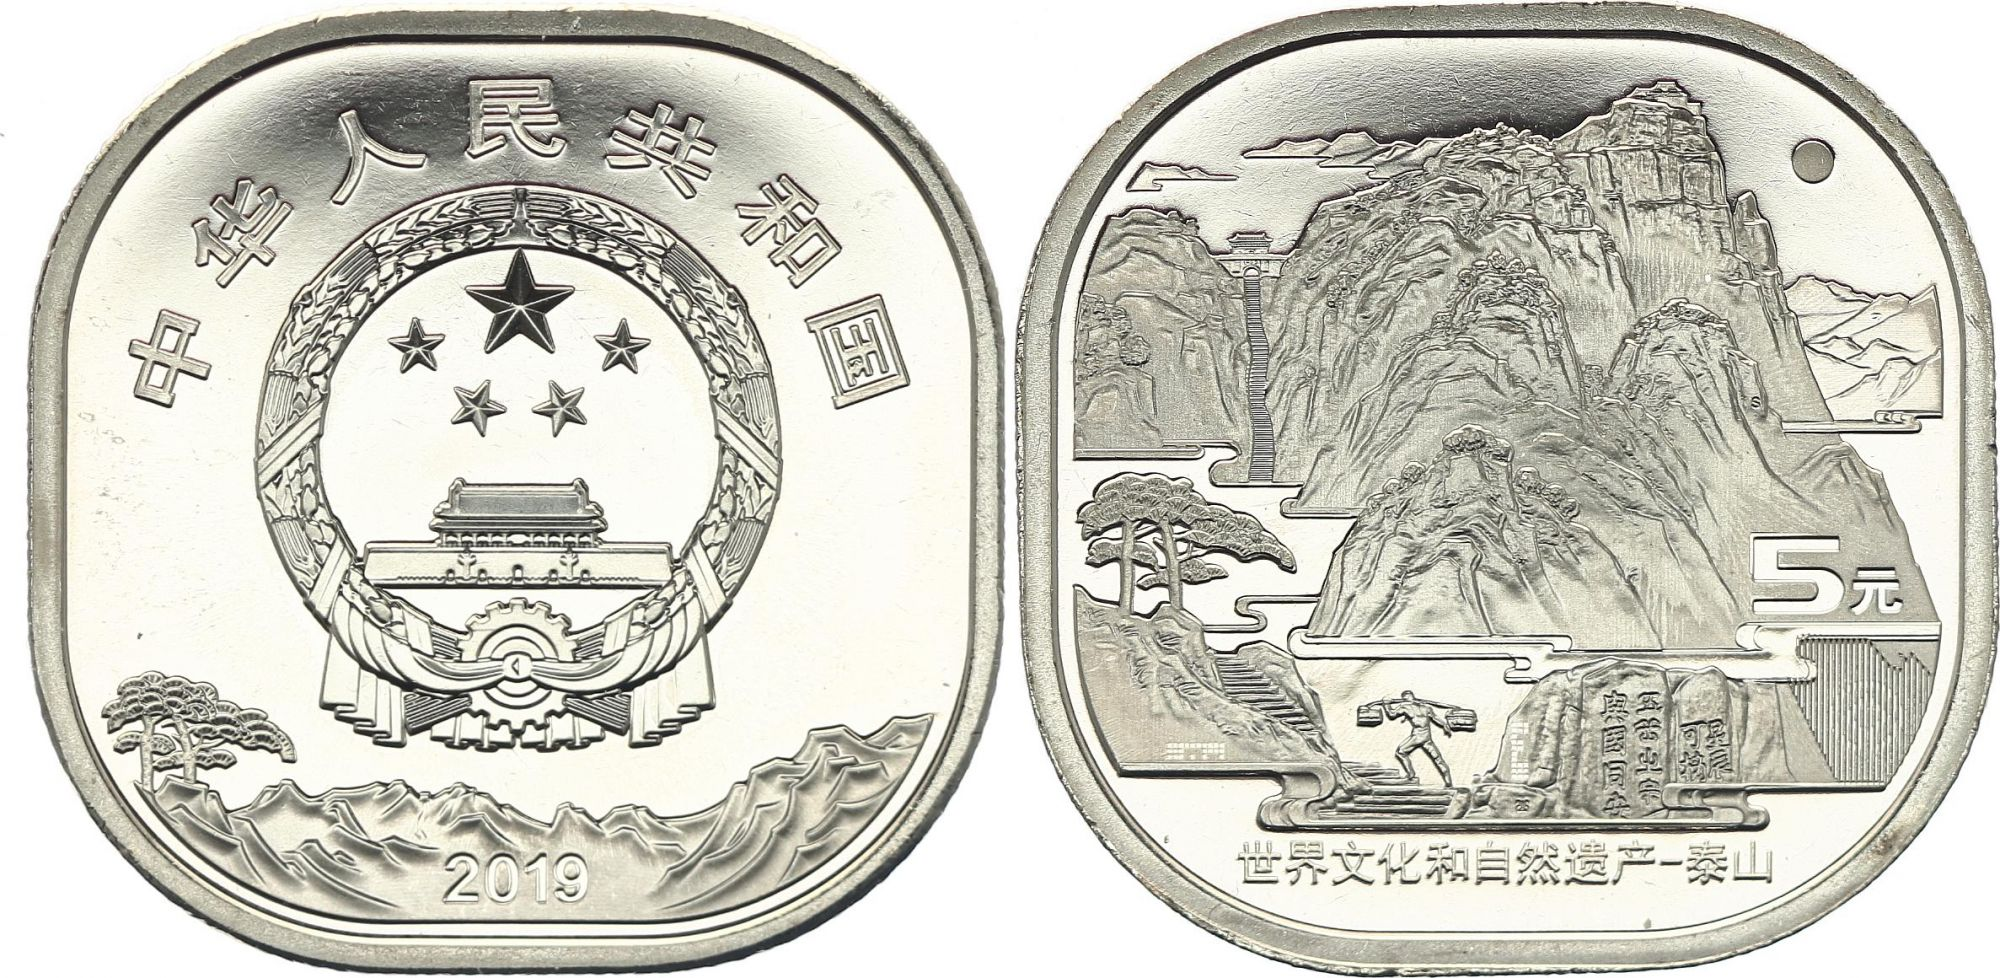 Chine 5 Yuan Héritage Naturel de TaiShan - 2019 - FDC